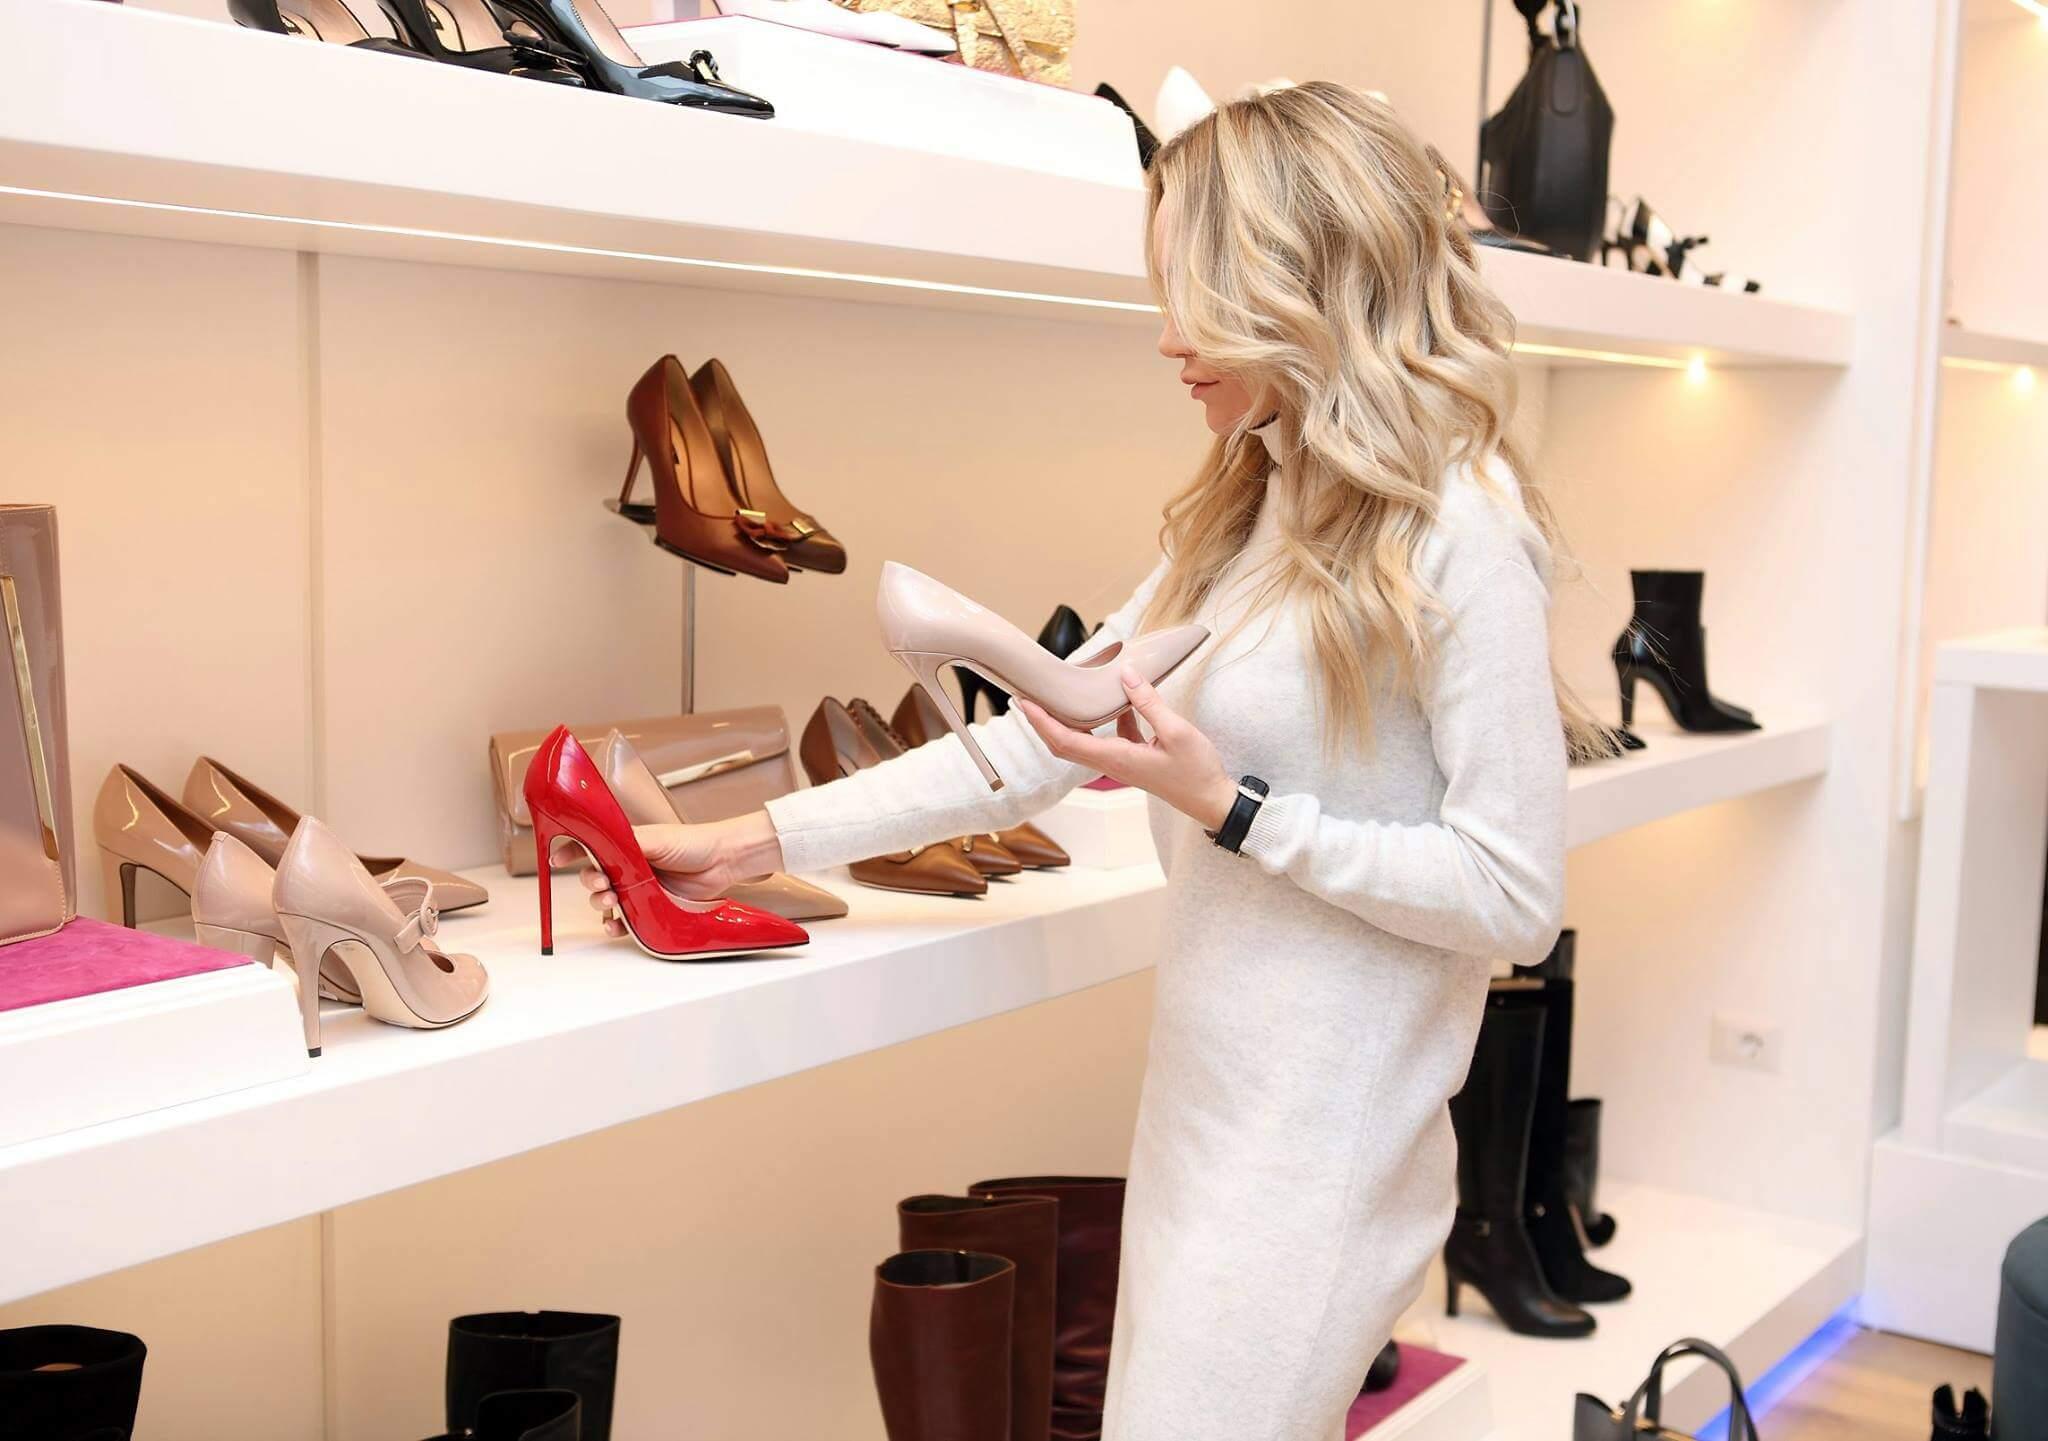 Comment bien choisir ses chaussures de marque ?